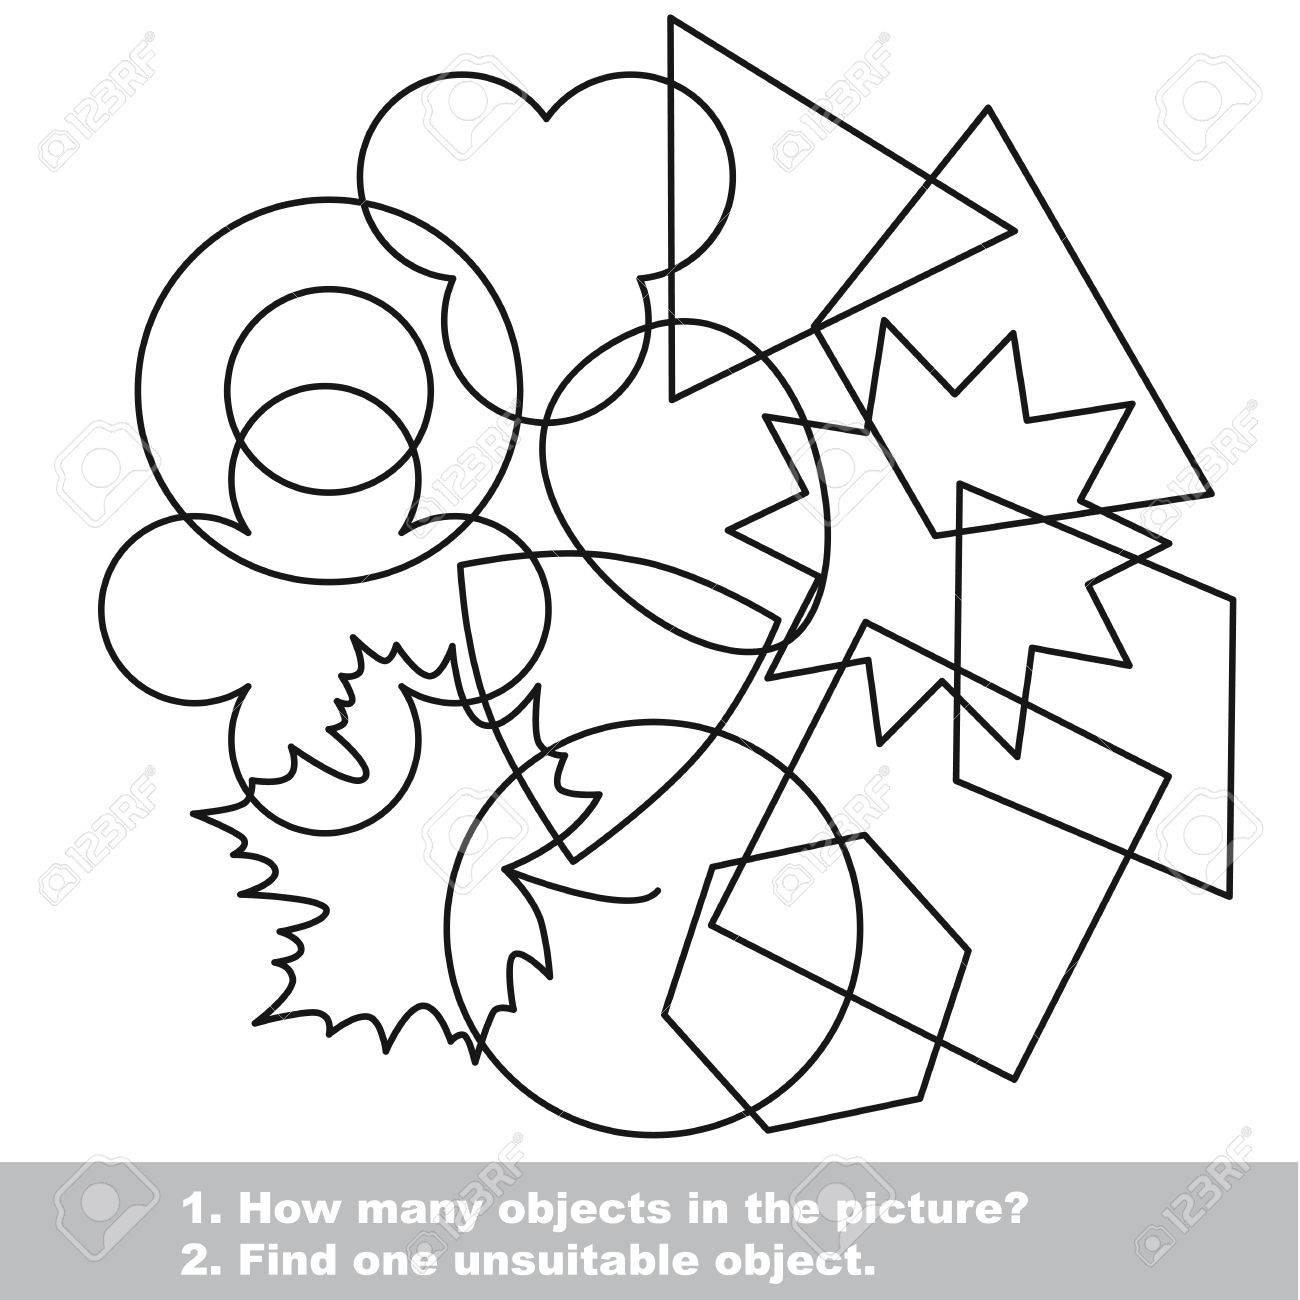 Las Formas Geométricas Mishmash Establecen En El Vector Se Indica A Colorear Encuentra Todos Los Objetos Ocultos En La Imagen Juego Visual Para Los